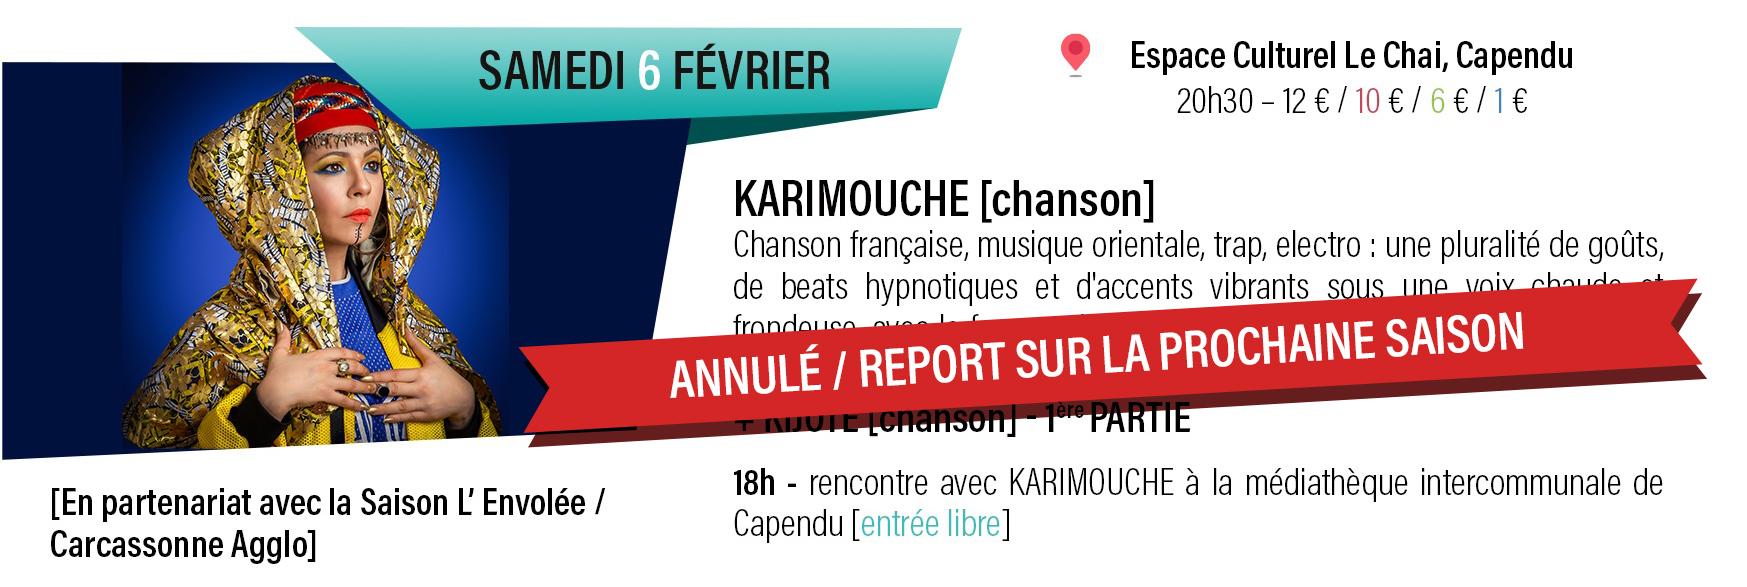 concert Karimouche